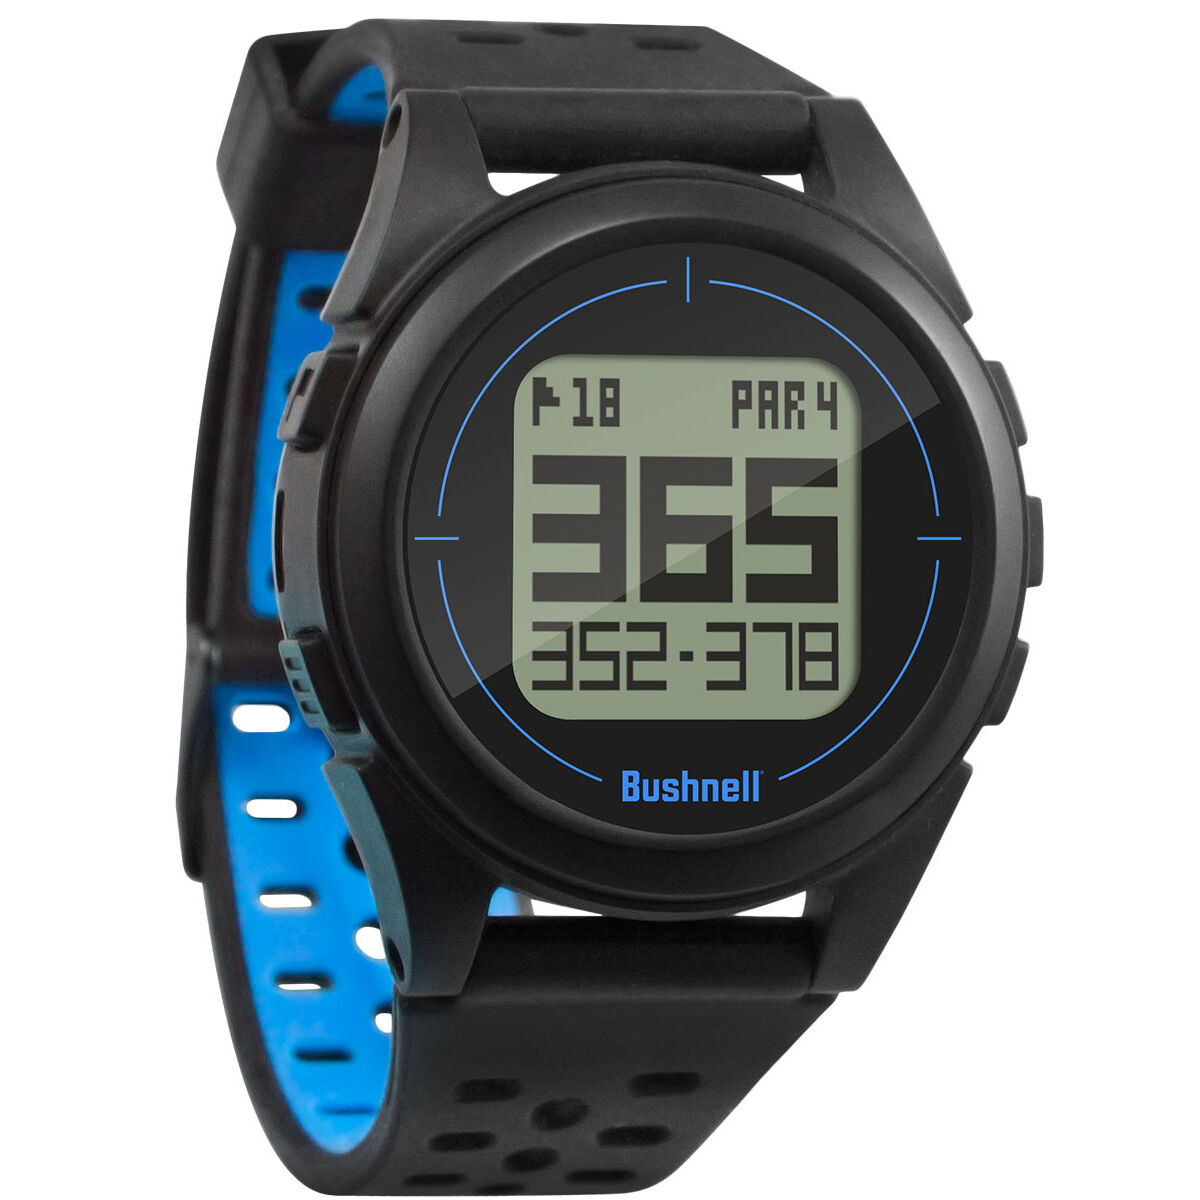 Bushnell iON 2 Golf GPS Watch, Male, Golf GPS, Black/blue | American Golf